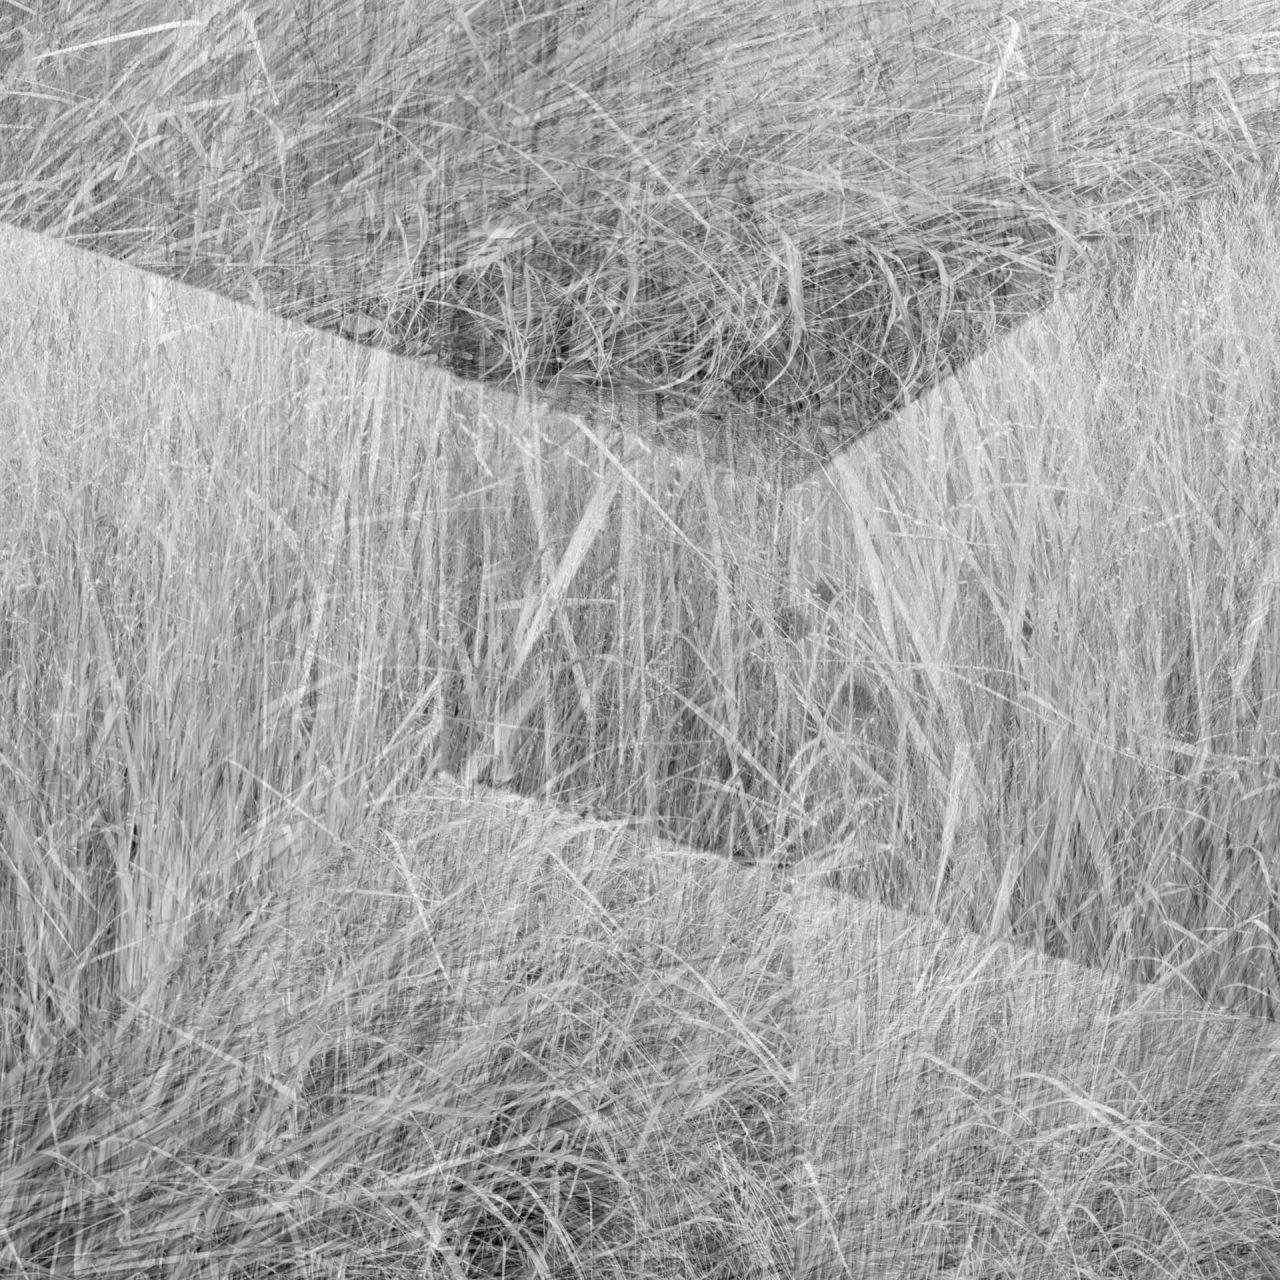 Eyal-Pinkas-Regardening-3-1280x1280